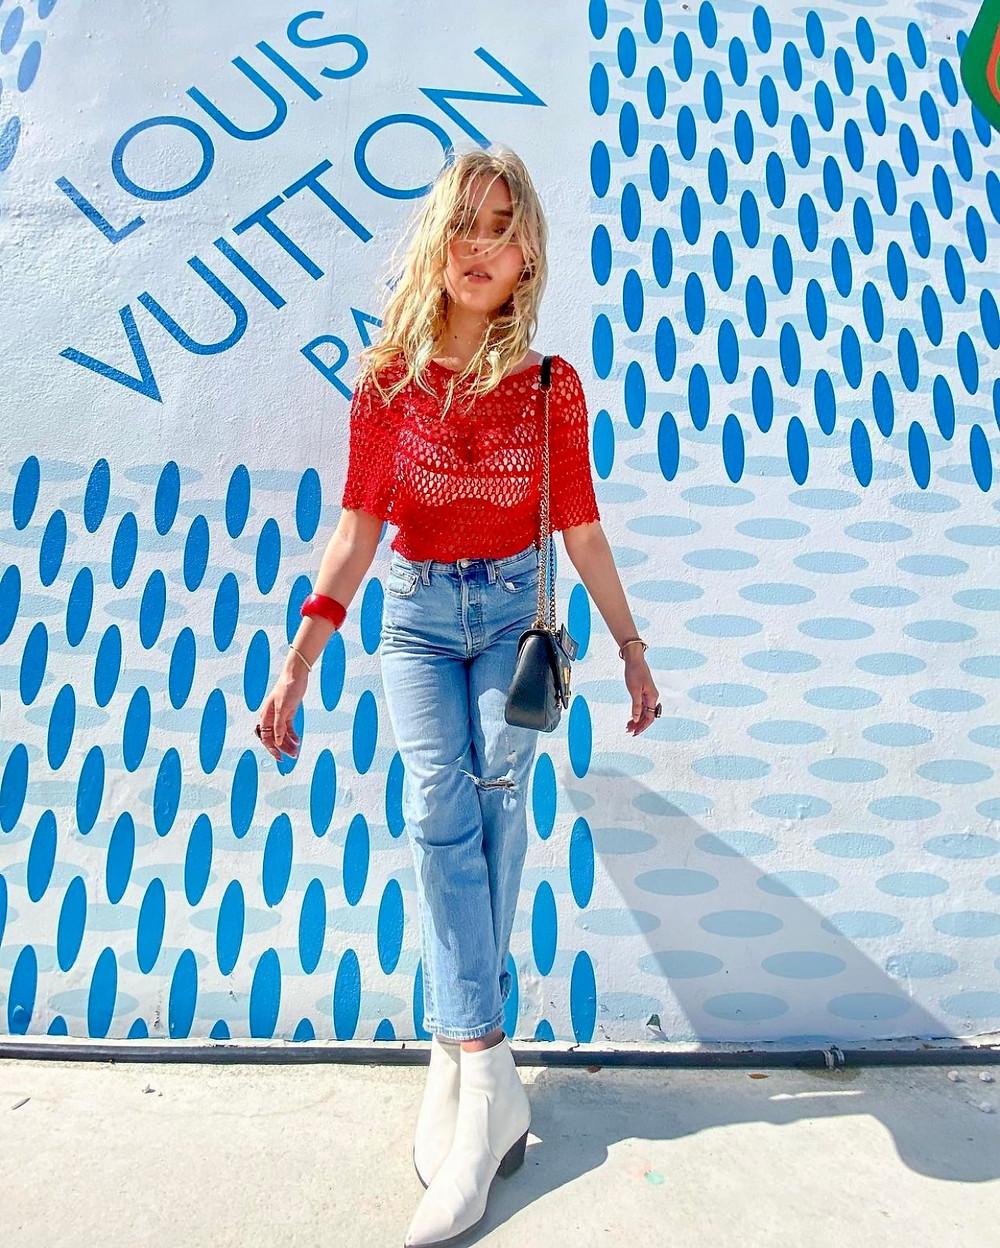 Lexy Silverstein Clean Fashion Sustainable Influencer